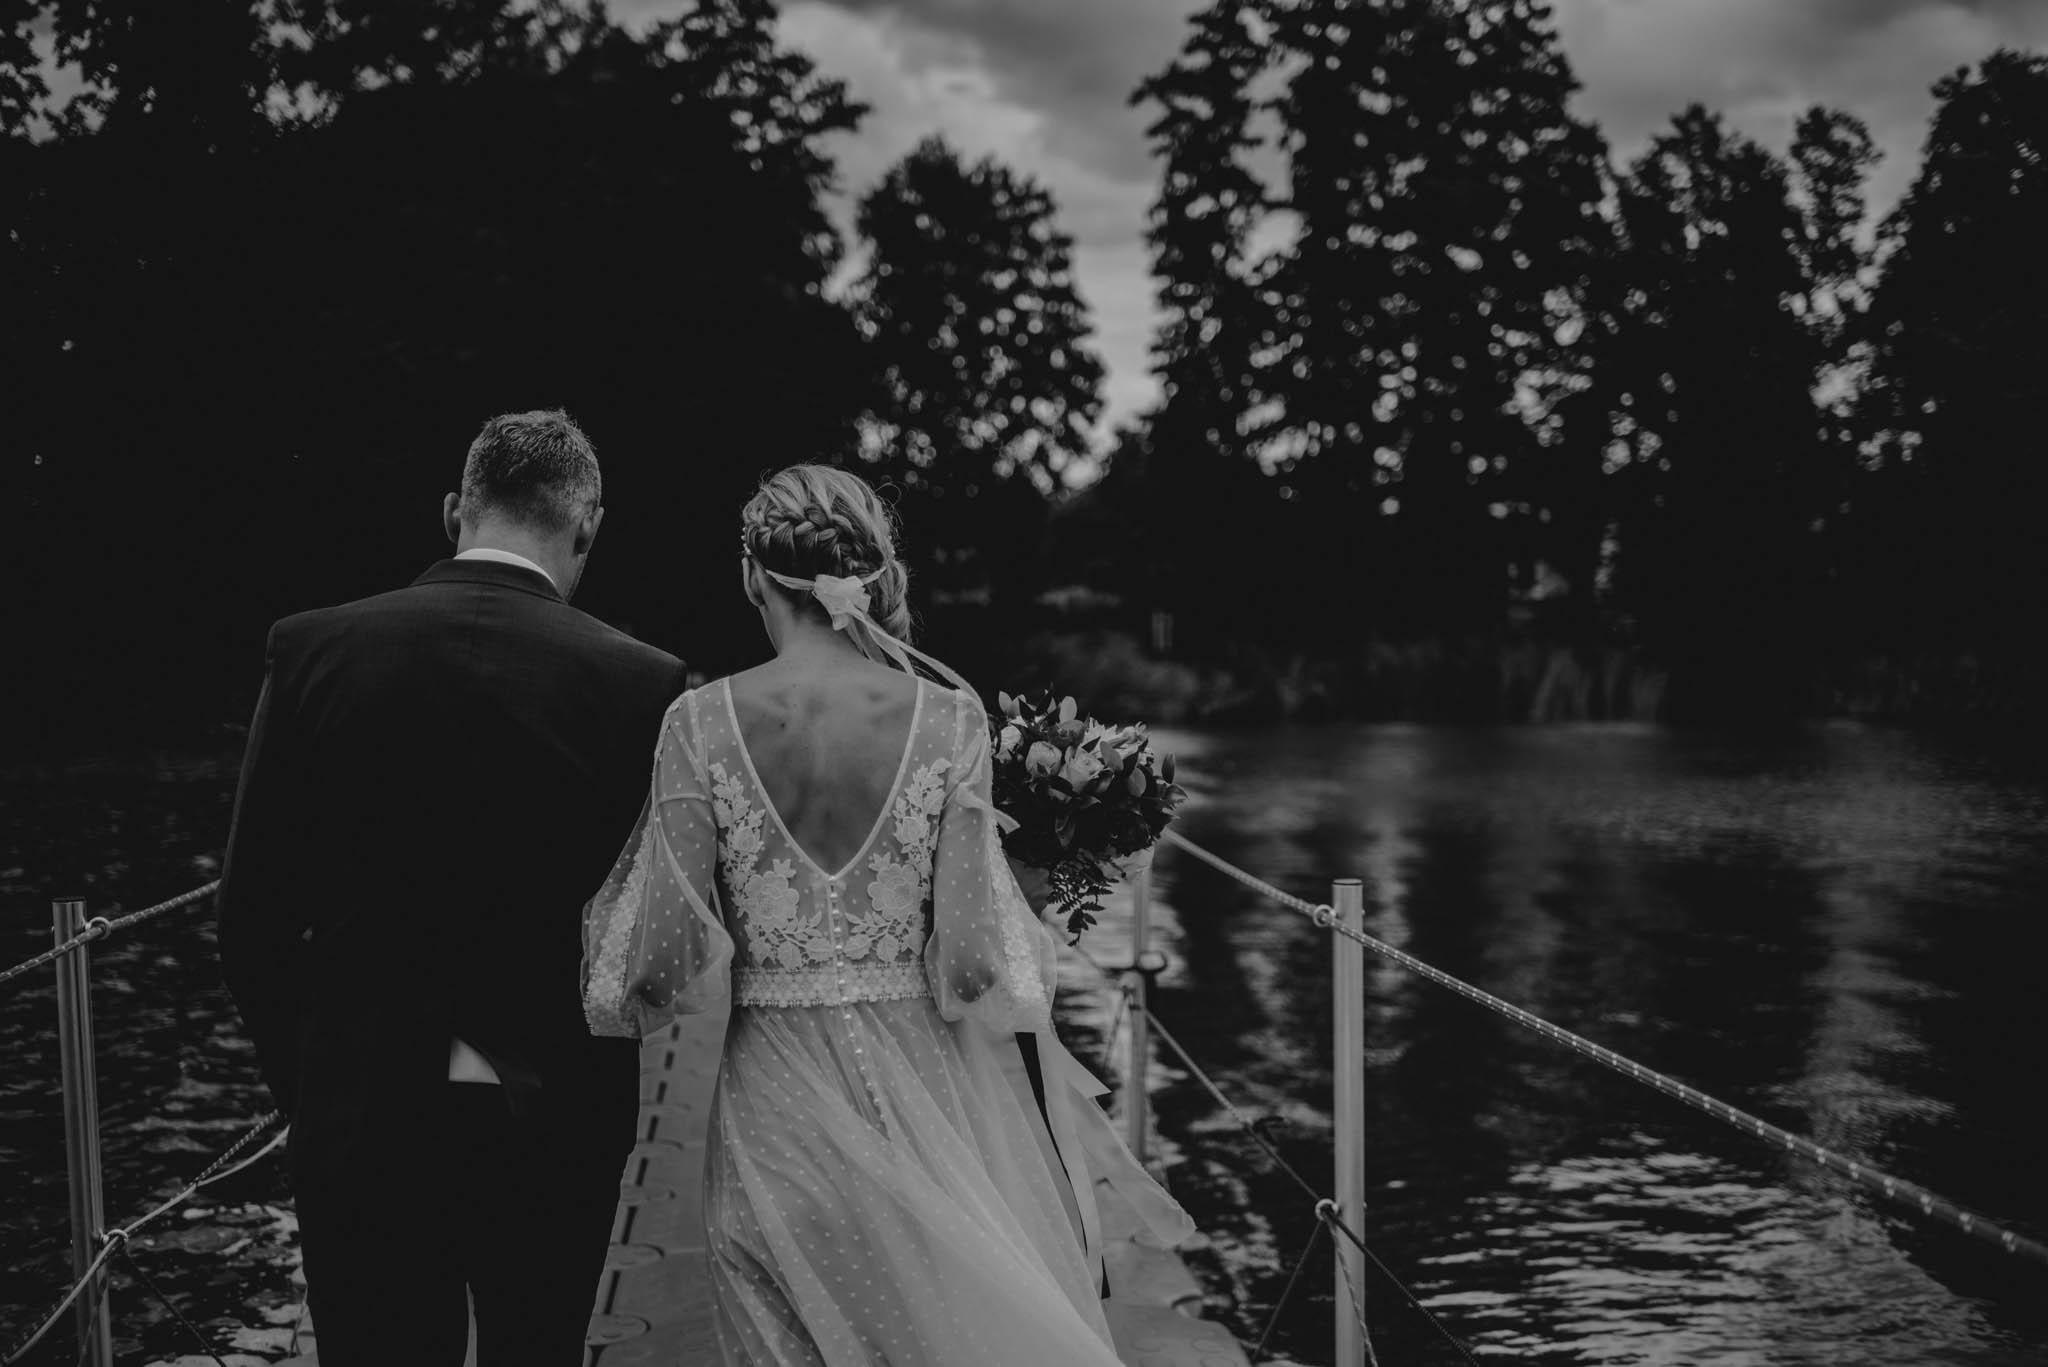 Narzeczeni spacerują nad wodą - sesja ślubna na Wyspie Św. Edwarda Zaniemyśl